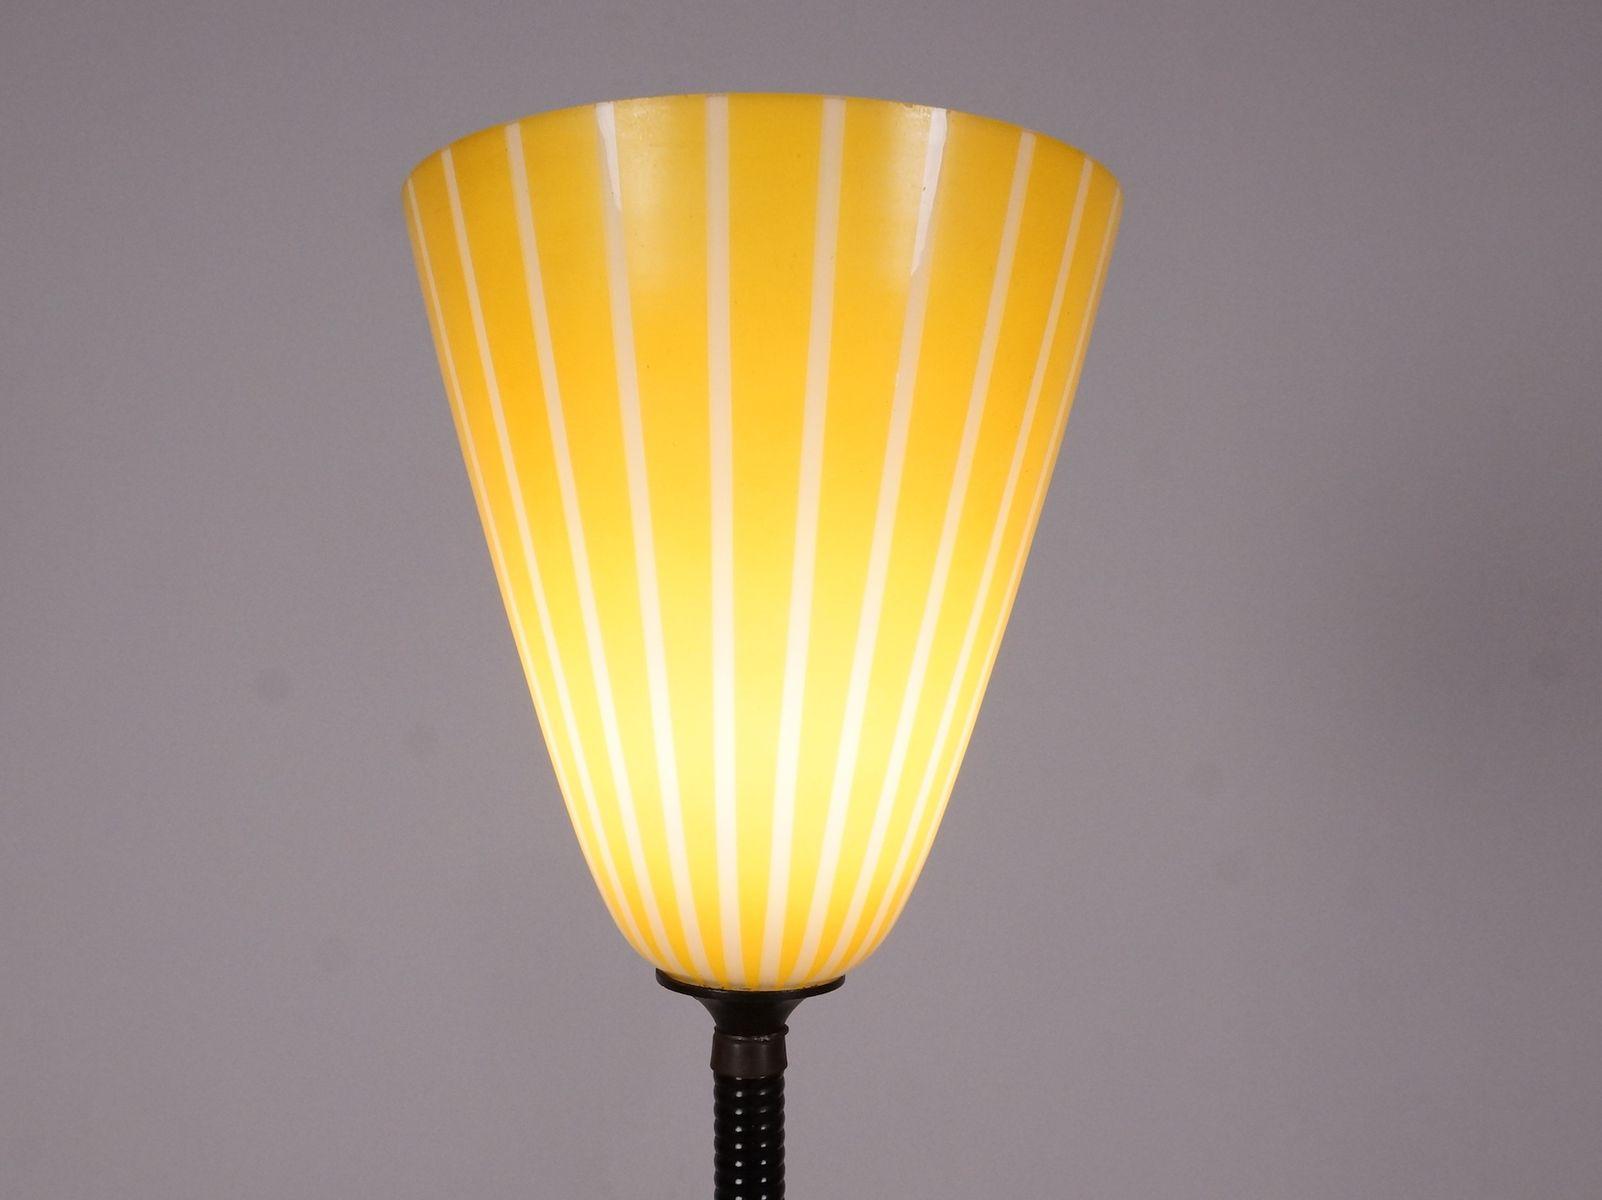 stehlampe mit gelbem lampenschirm 1960er bei pamono kaufen. Black Bedroom Furniture Sets. Home Design Ideas